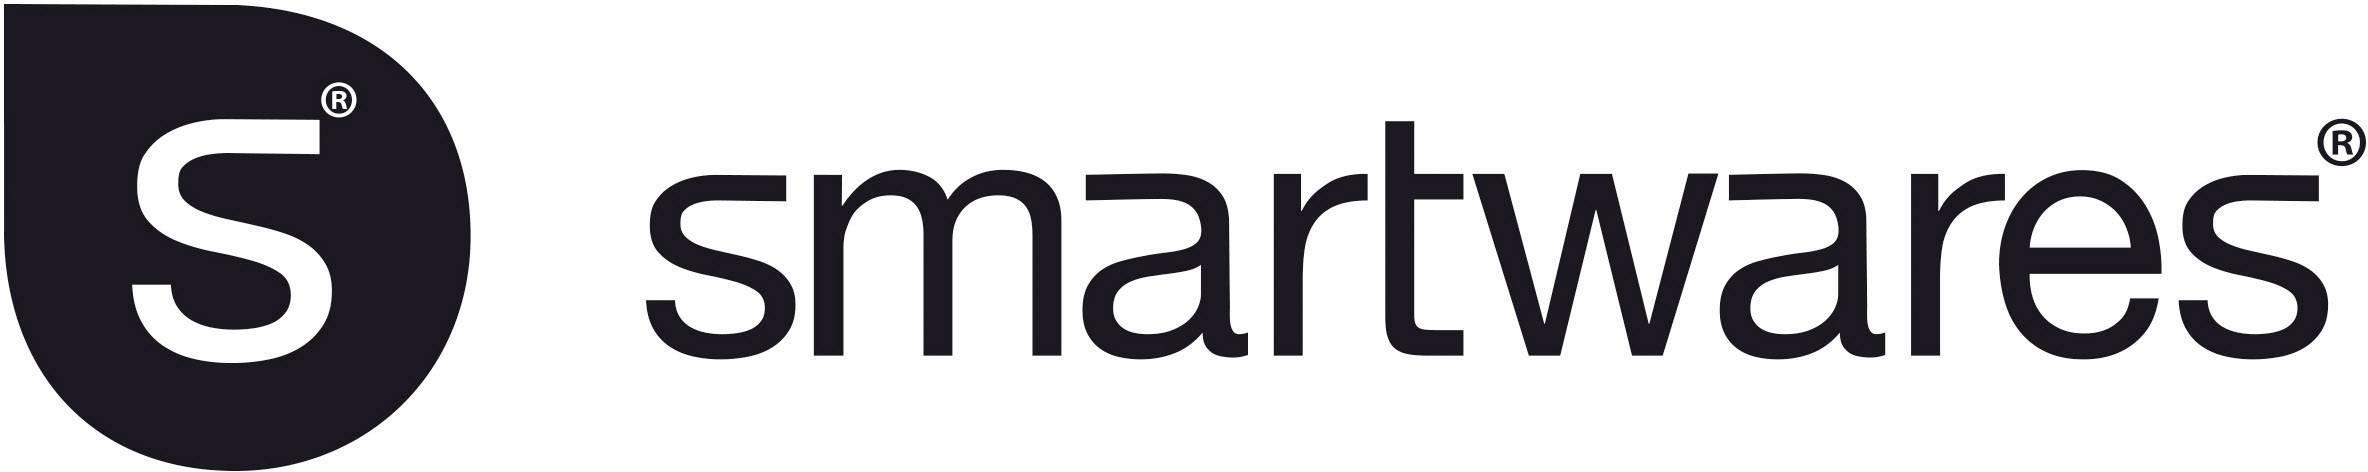 Smartwares SmartHome